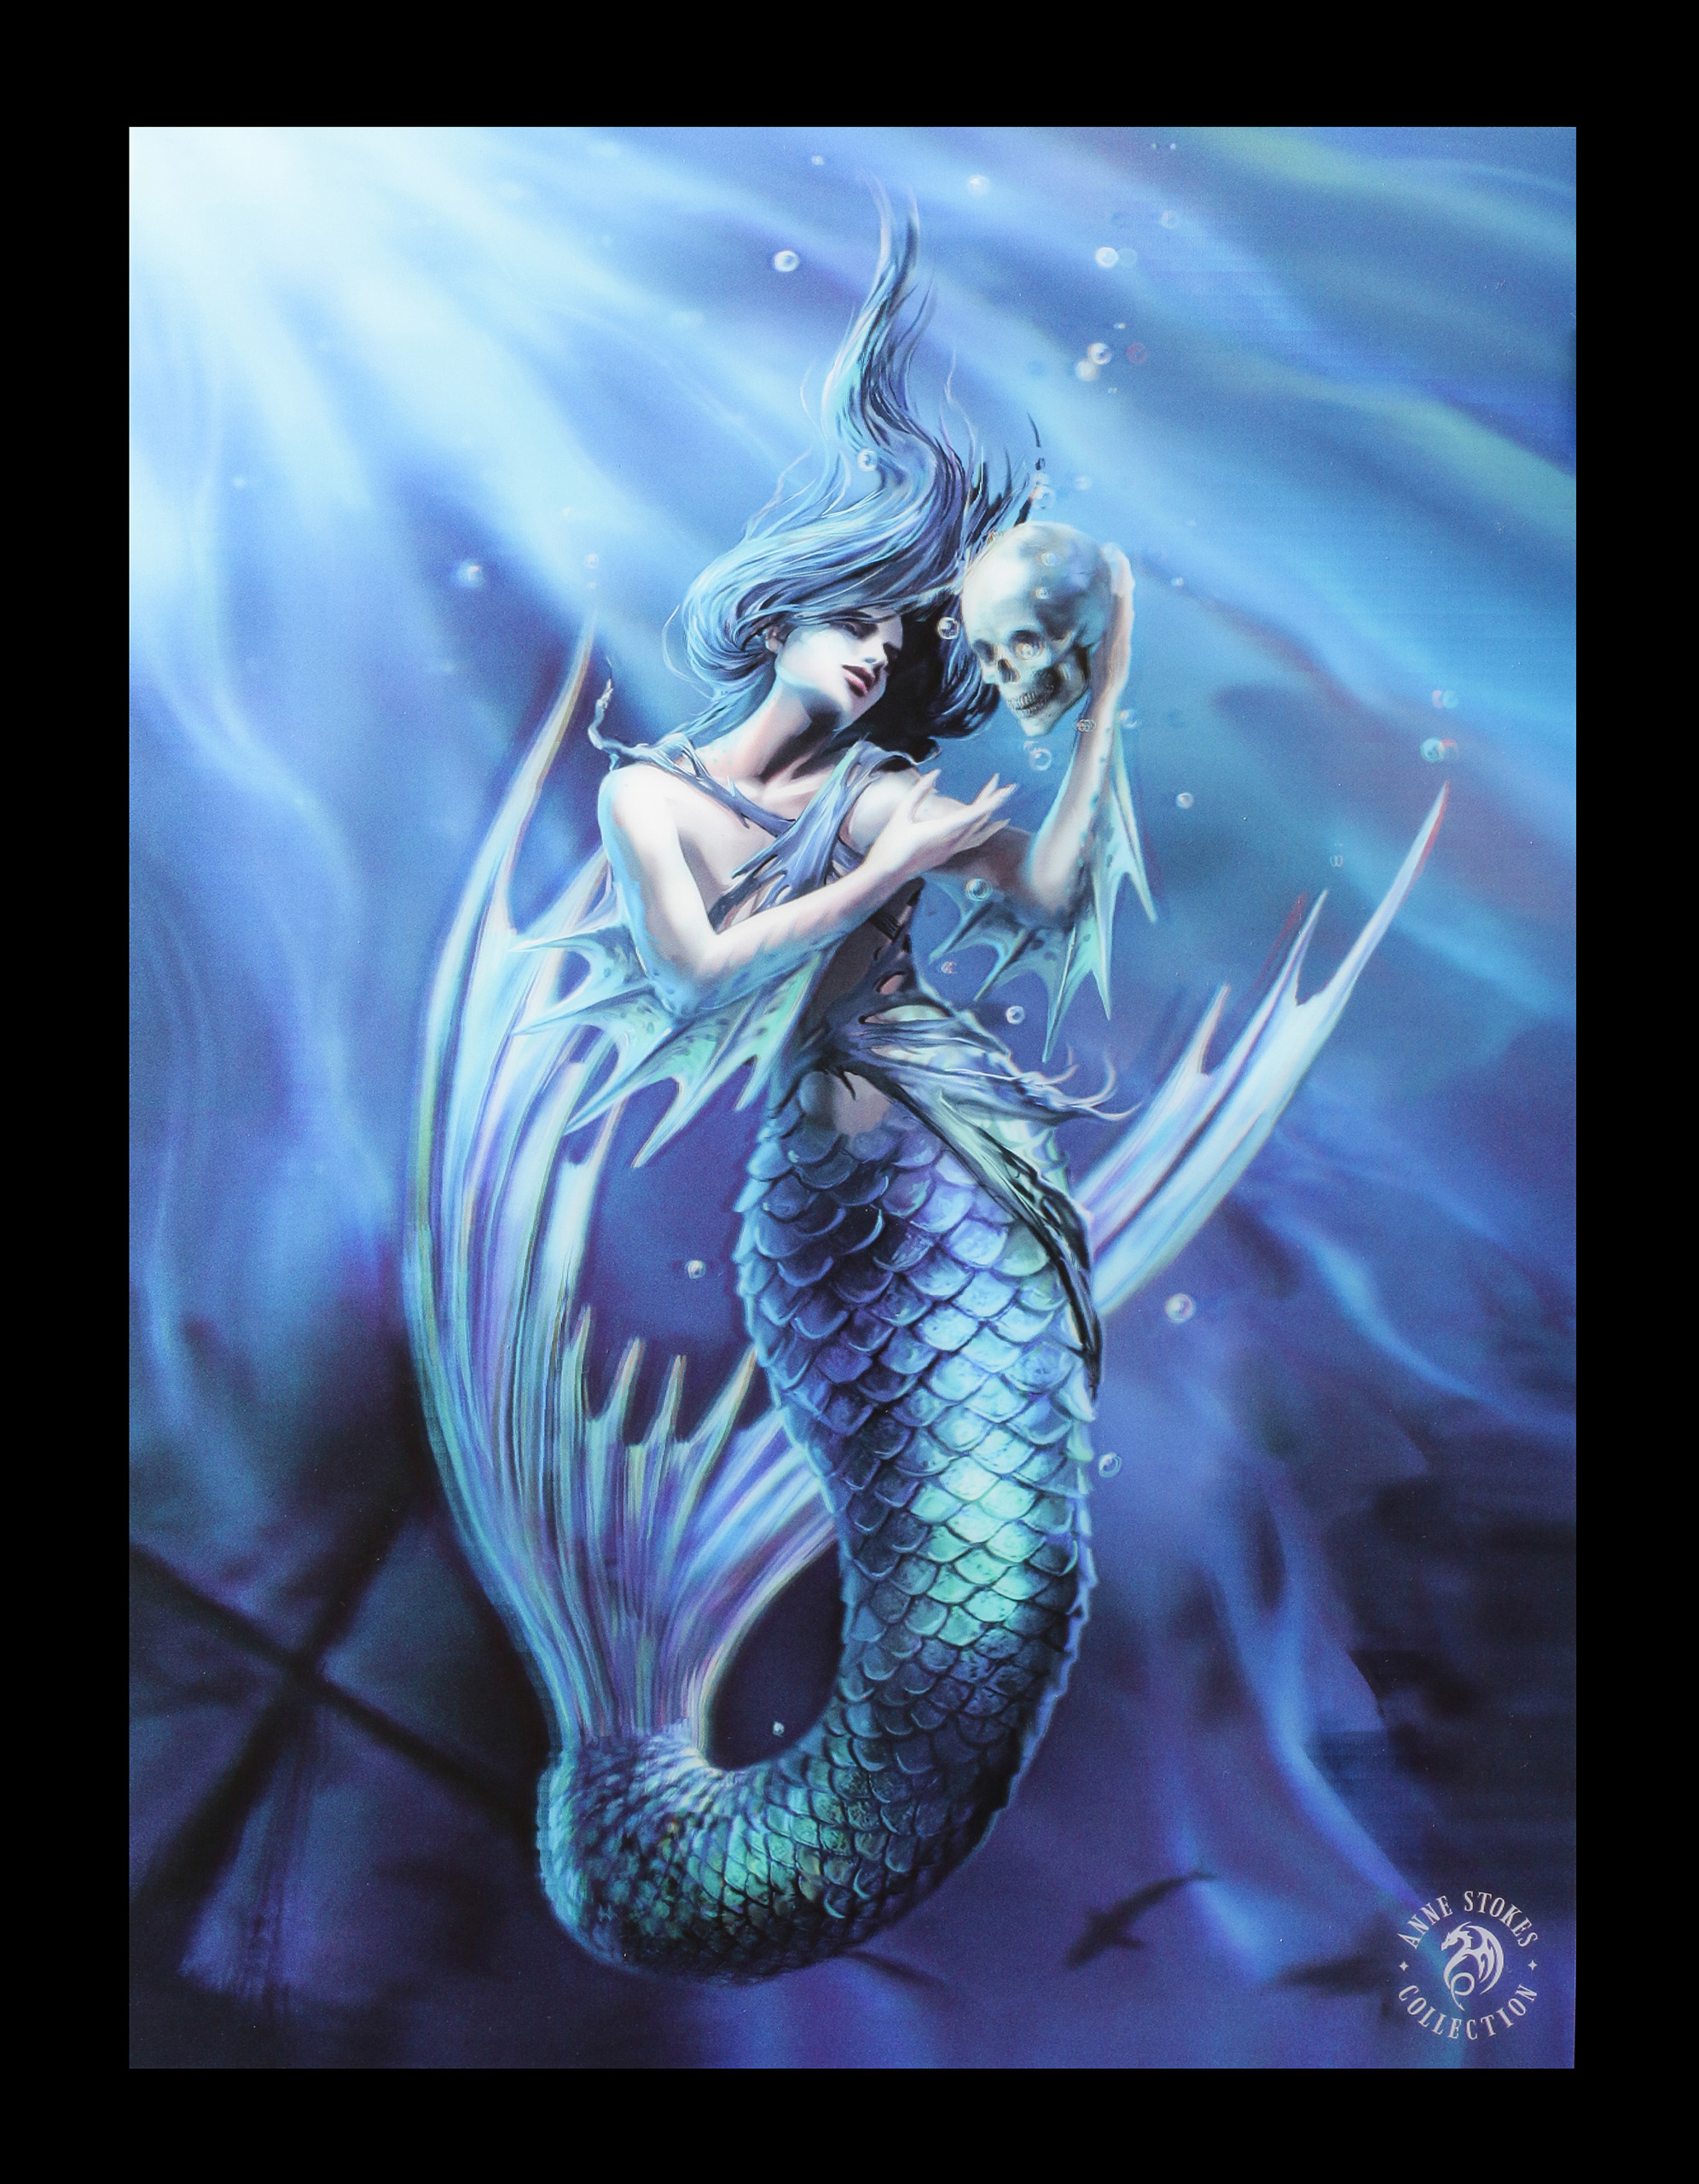 Meerjungfrauen Bilder